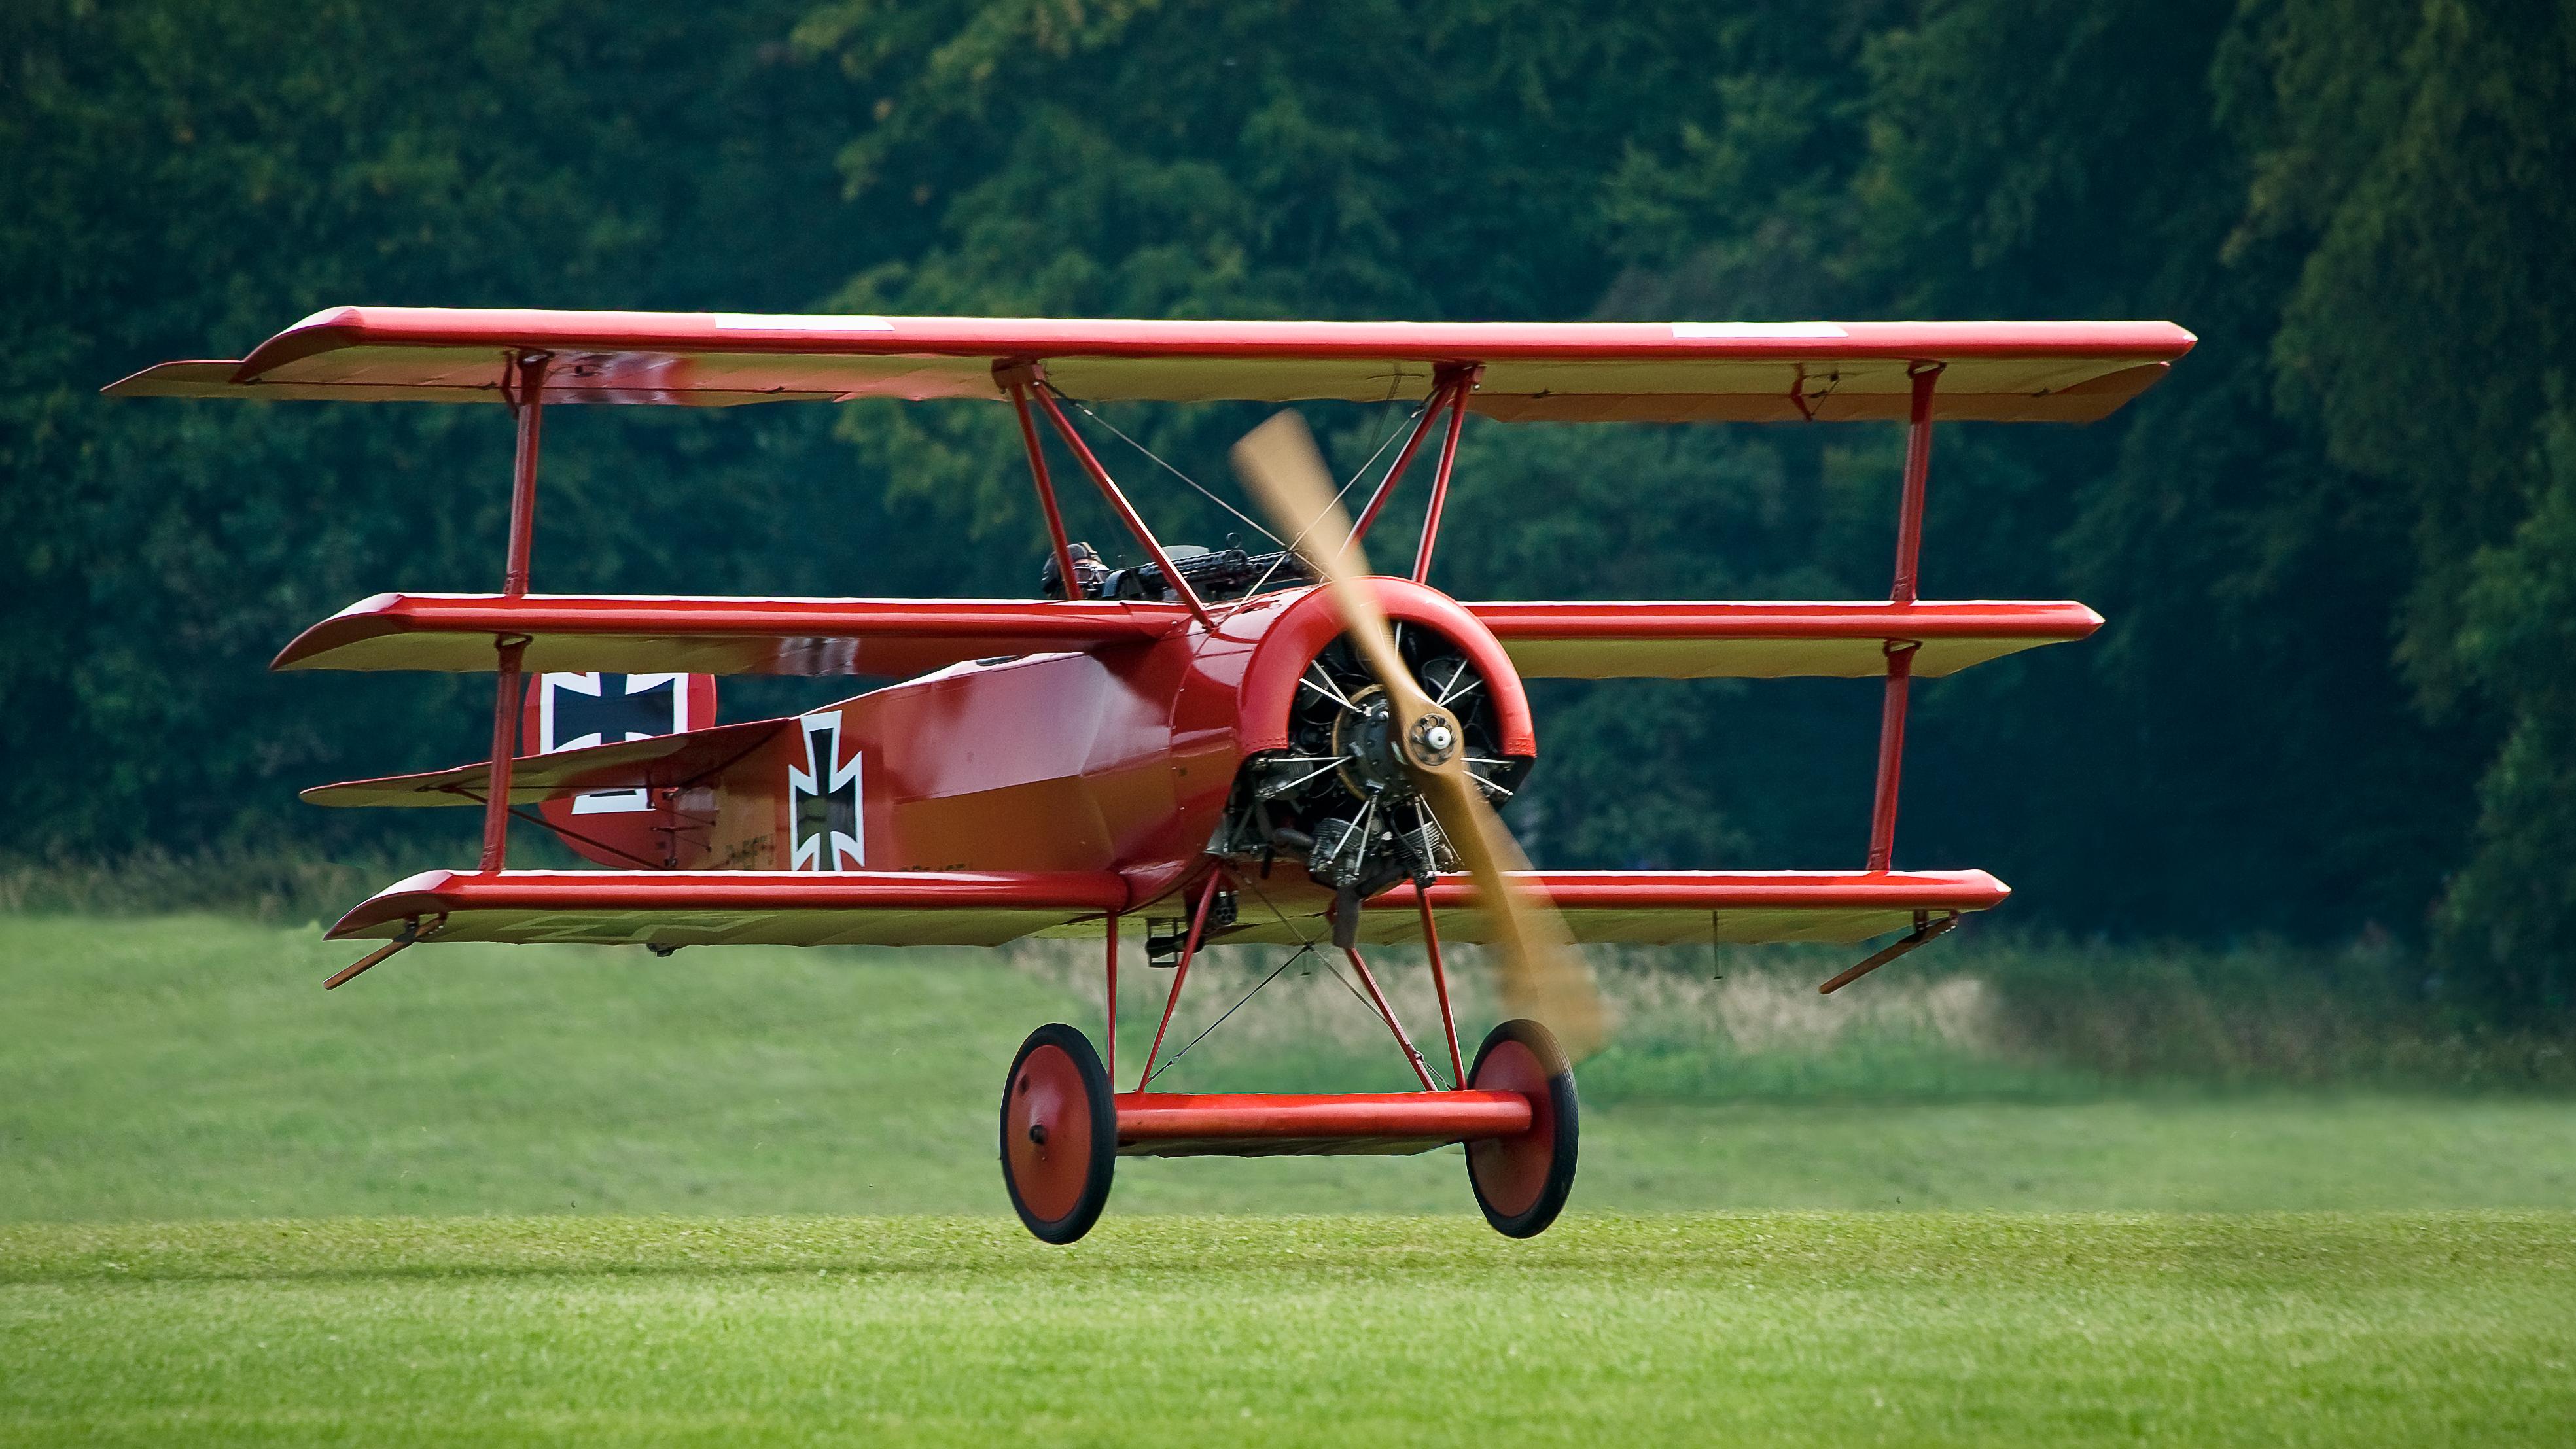 Ein Nachbau des Dreideckers, Fokker Dr.1 wie er auch von Manfred von Richthofen geflogen wurde